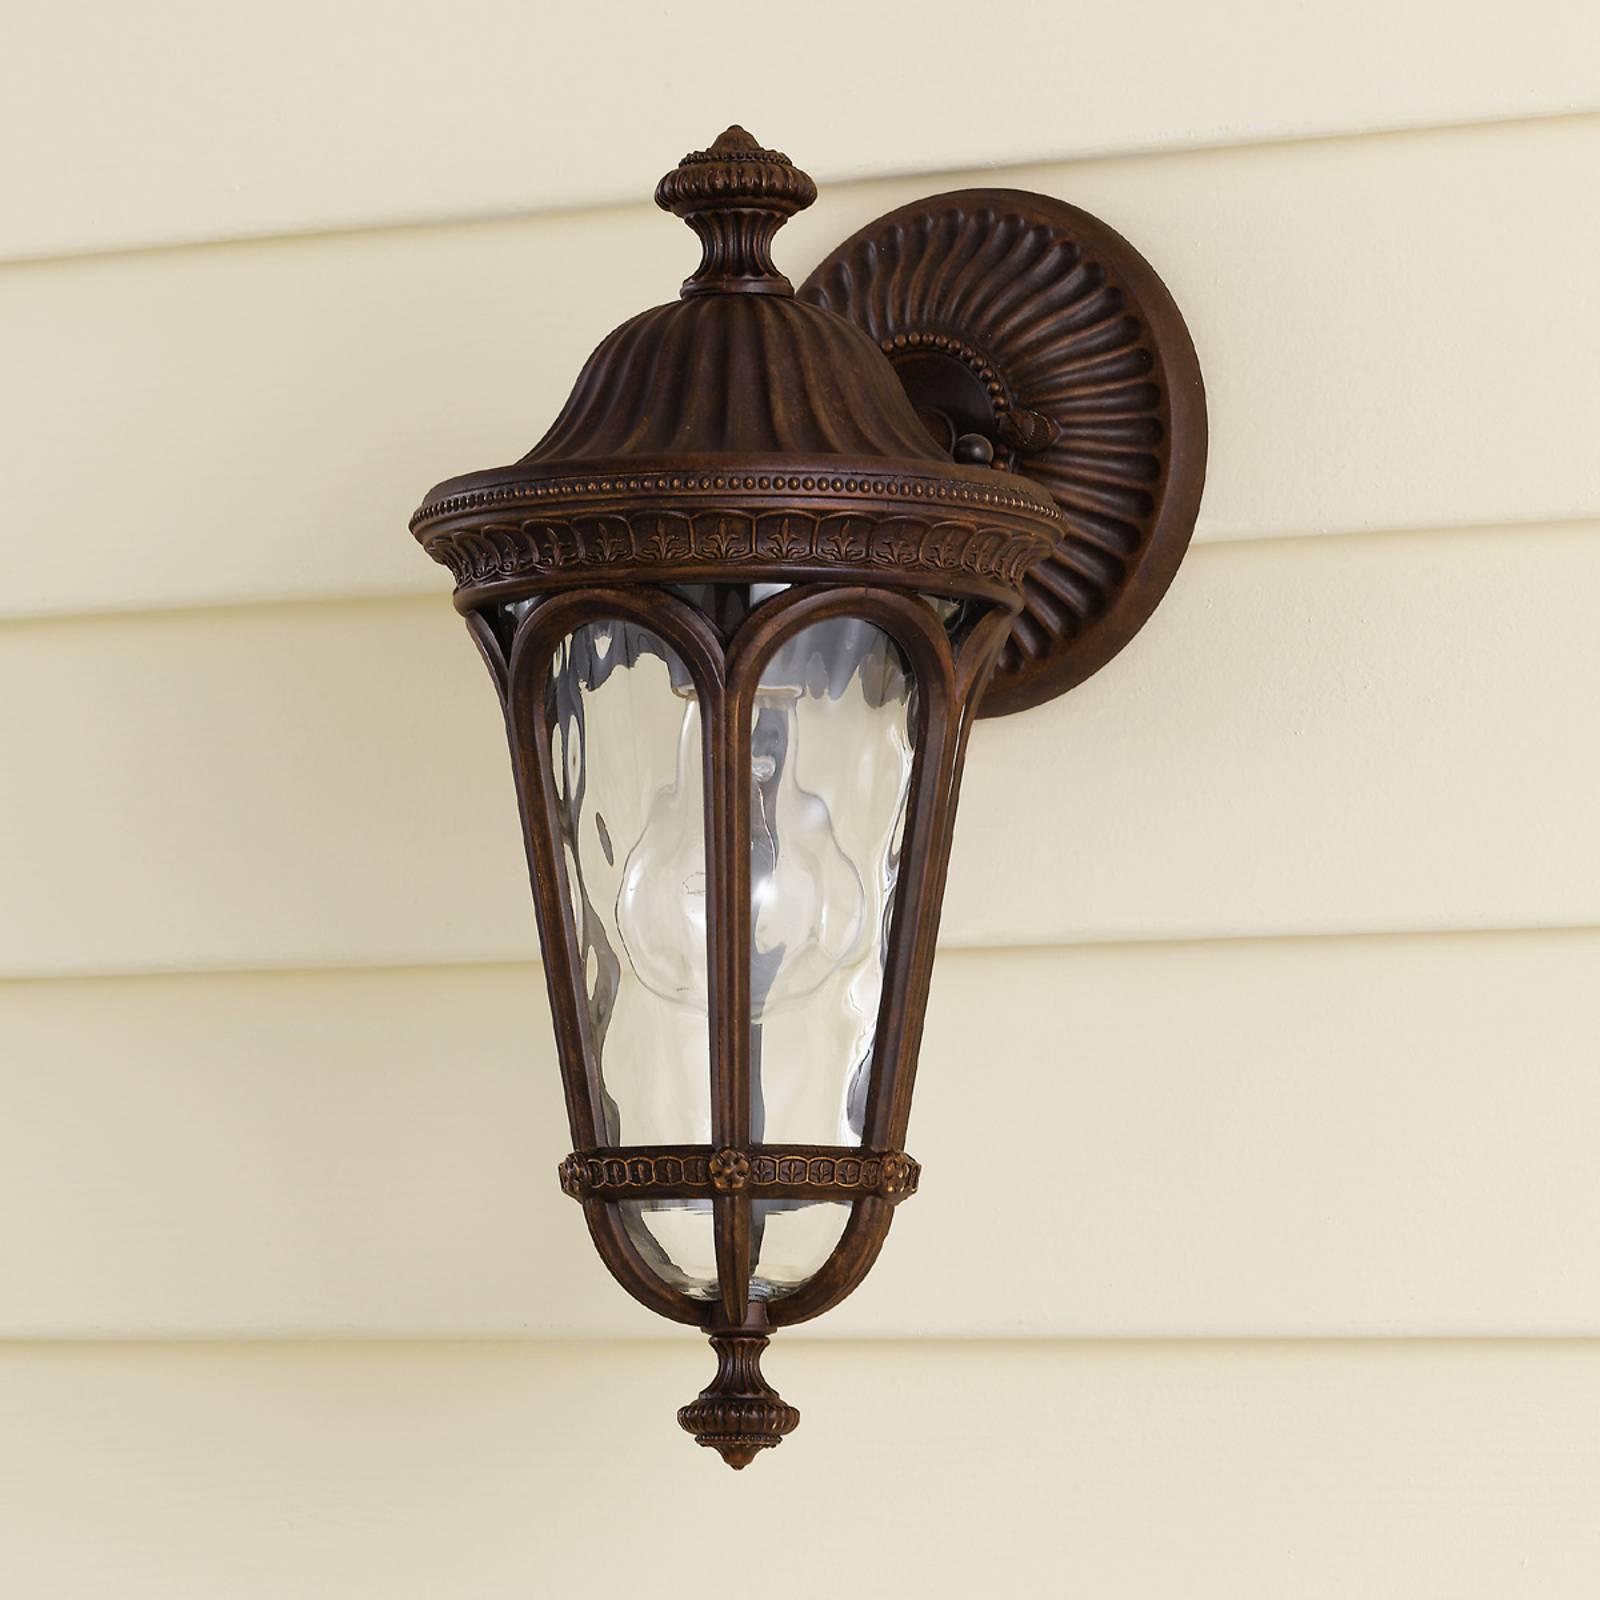 Rustieke buitenwandlamp REGENT COURT